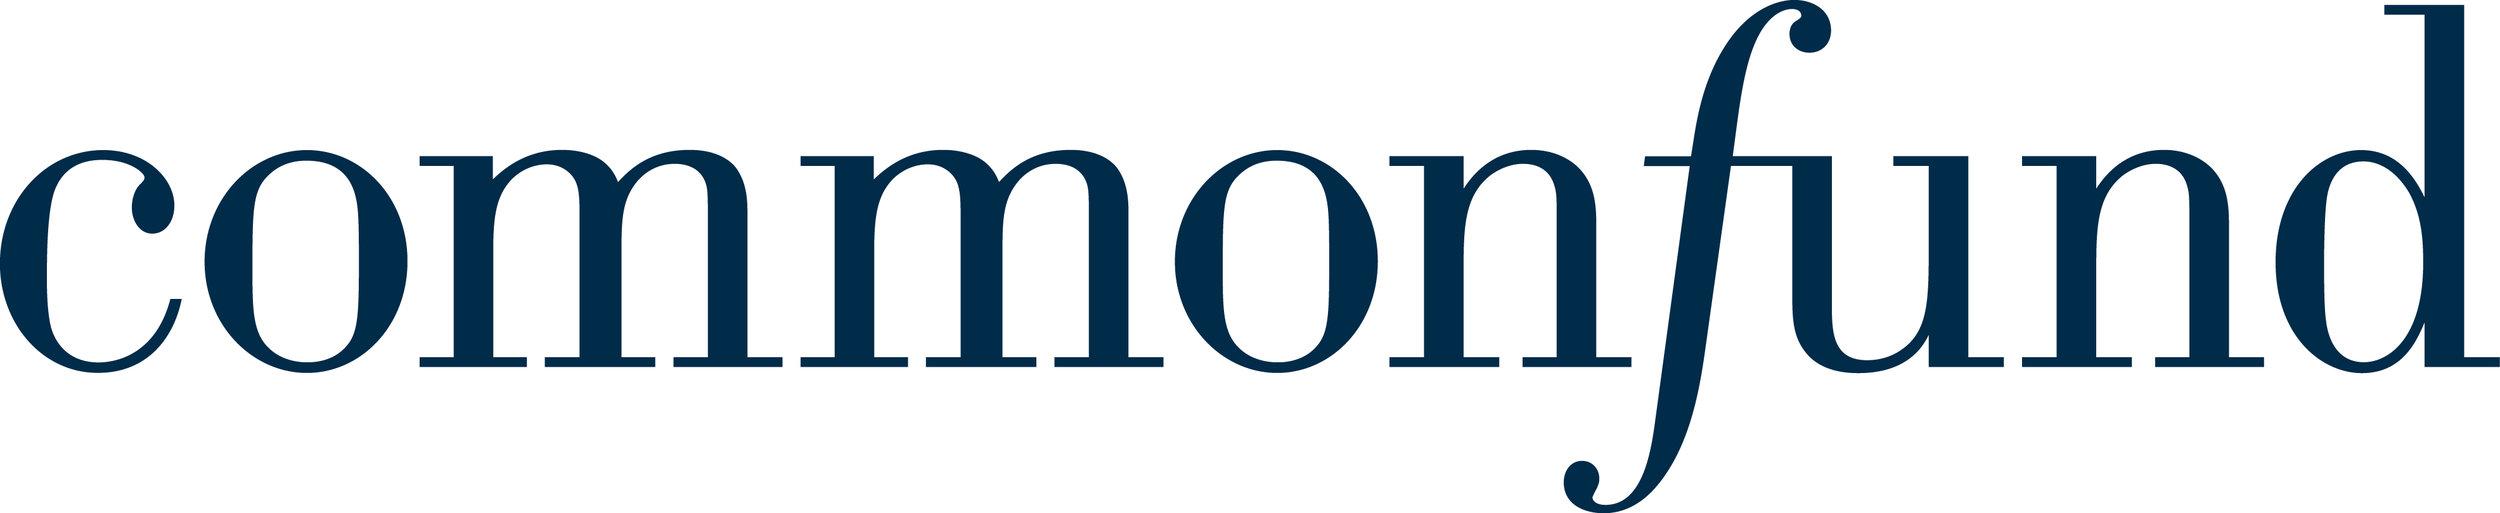 logo-commonfund-COLOR.jpeg